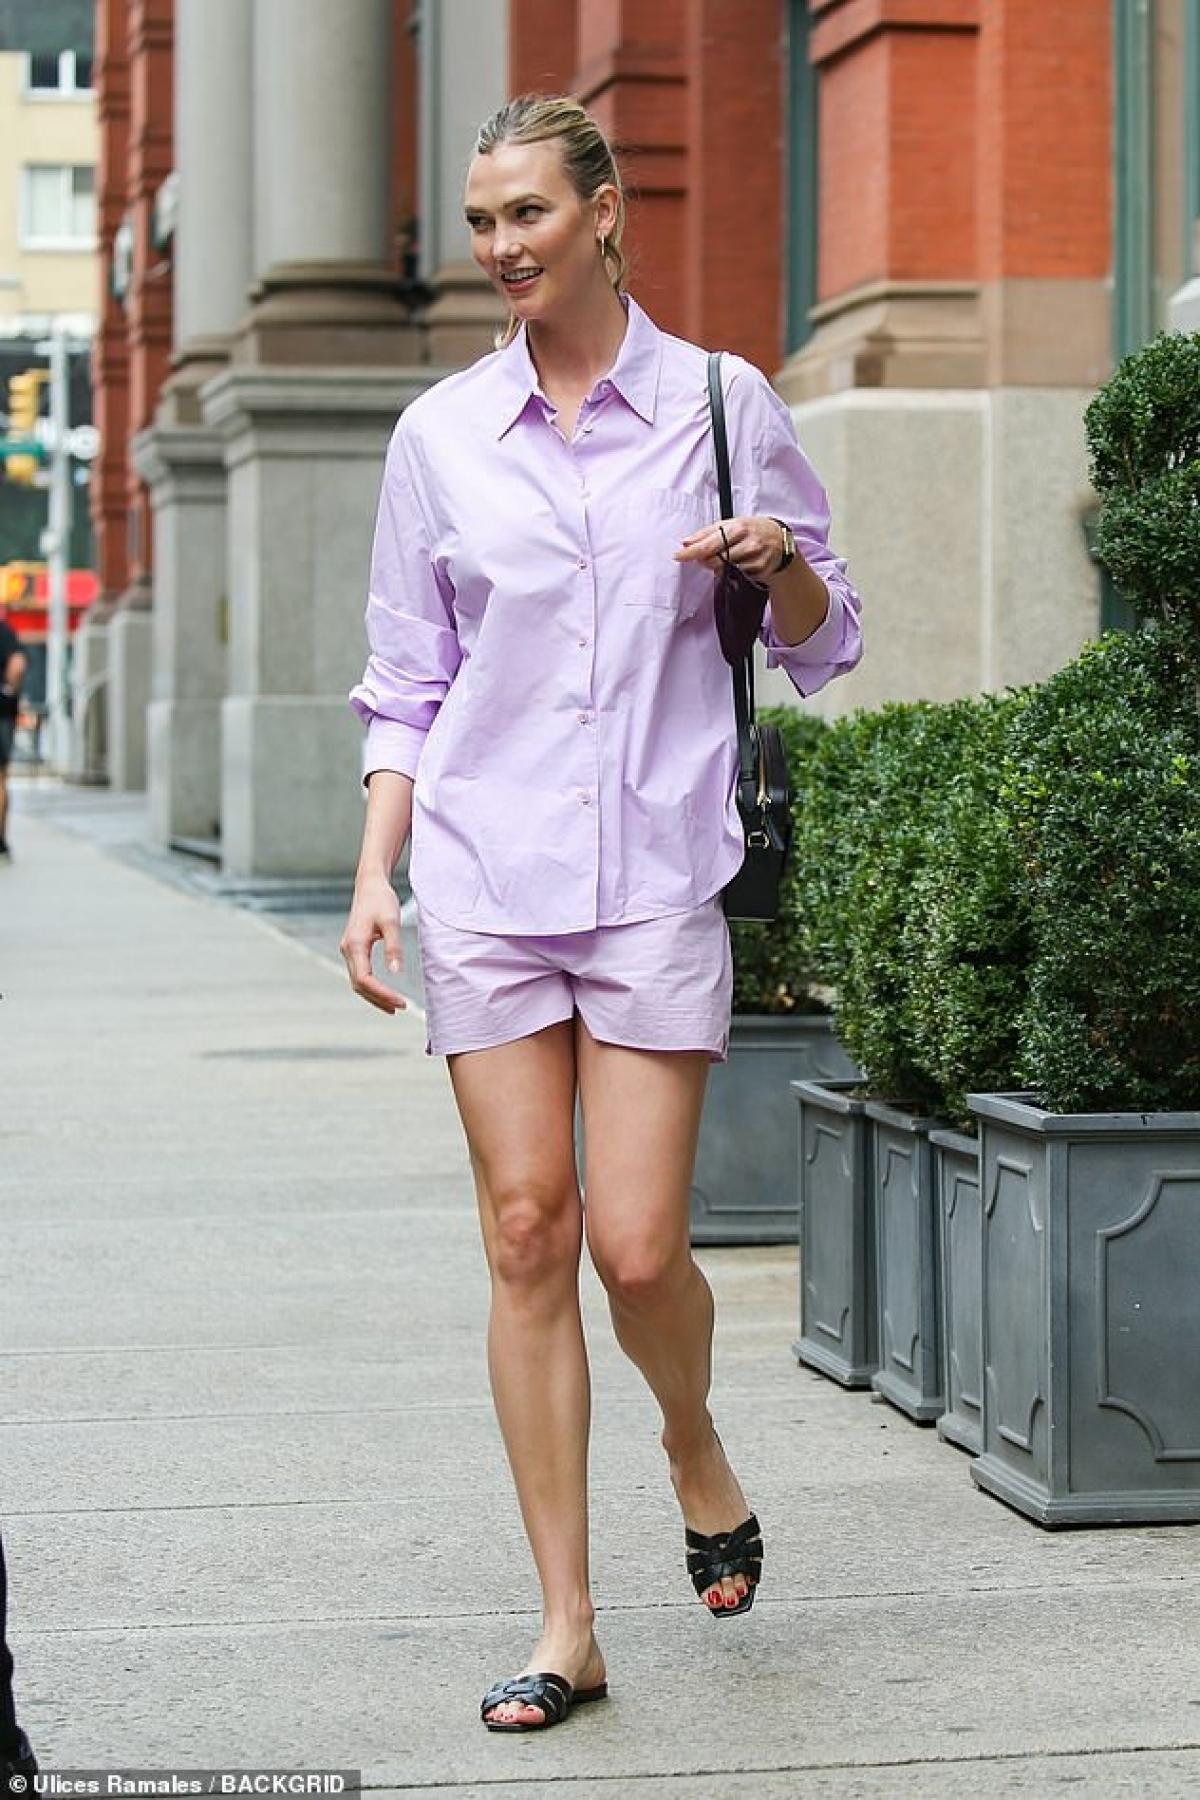 Siêu mẫu 29 tuổi diện áo sơ mi và quần shorts đồng màu, thu hút mọi ánh nhìn.